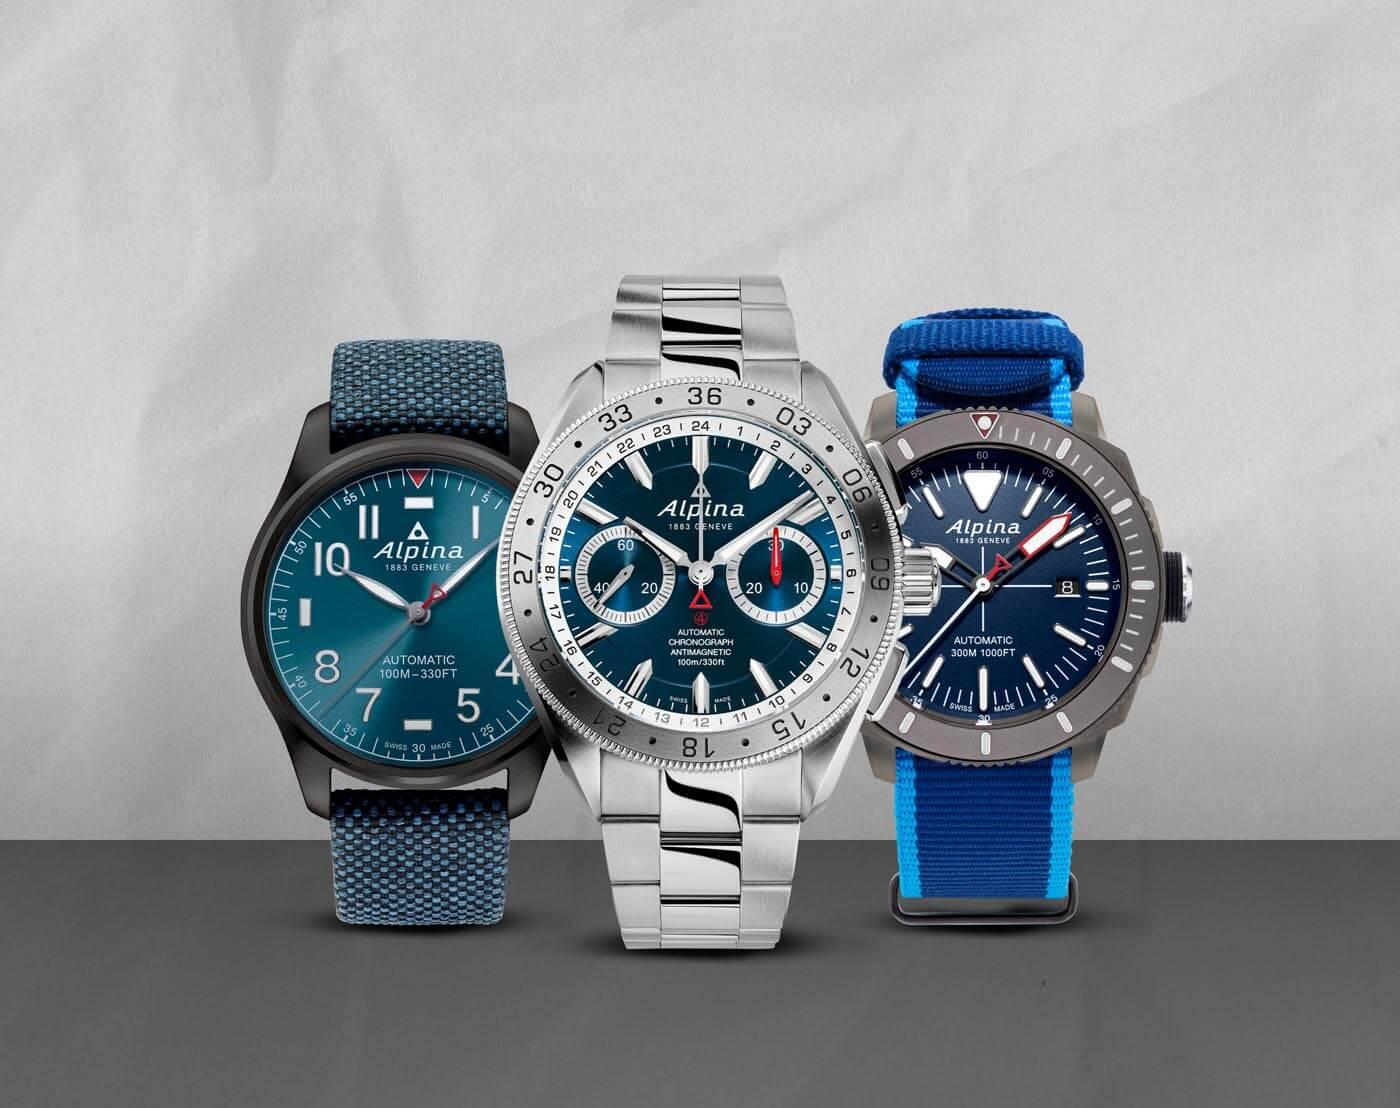 Community Watch de Alpina Tres Nuevos Relojes 6